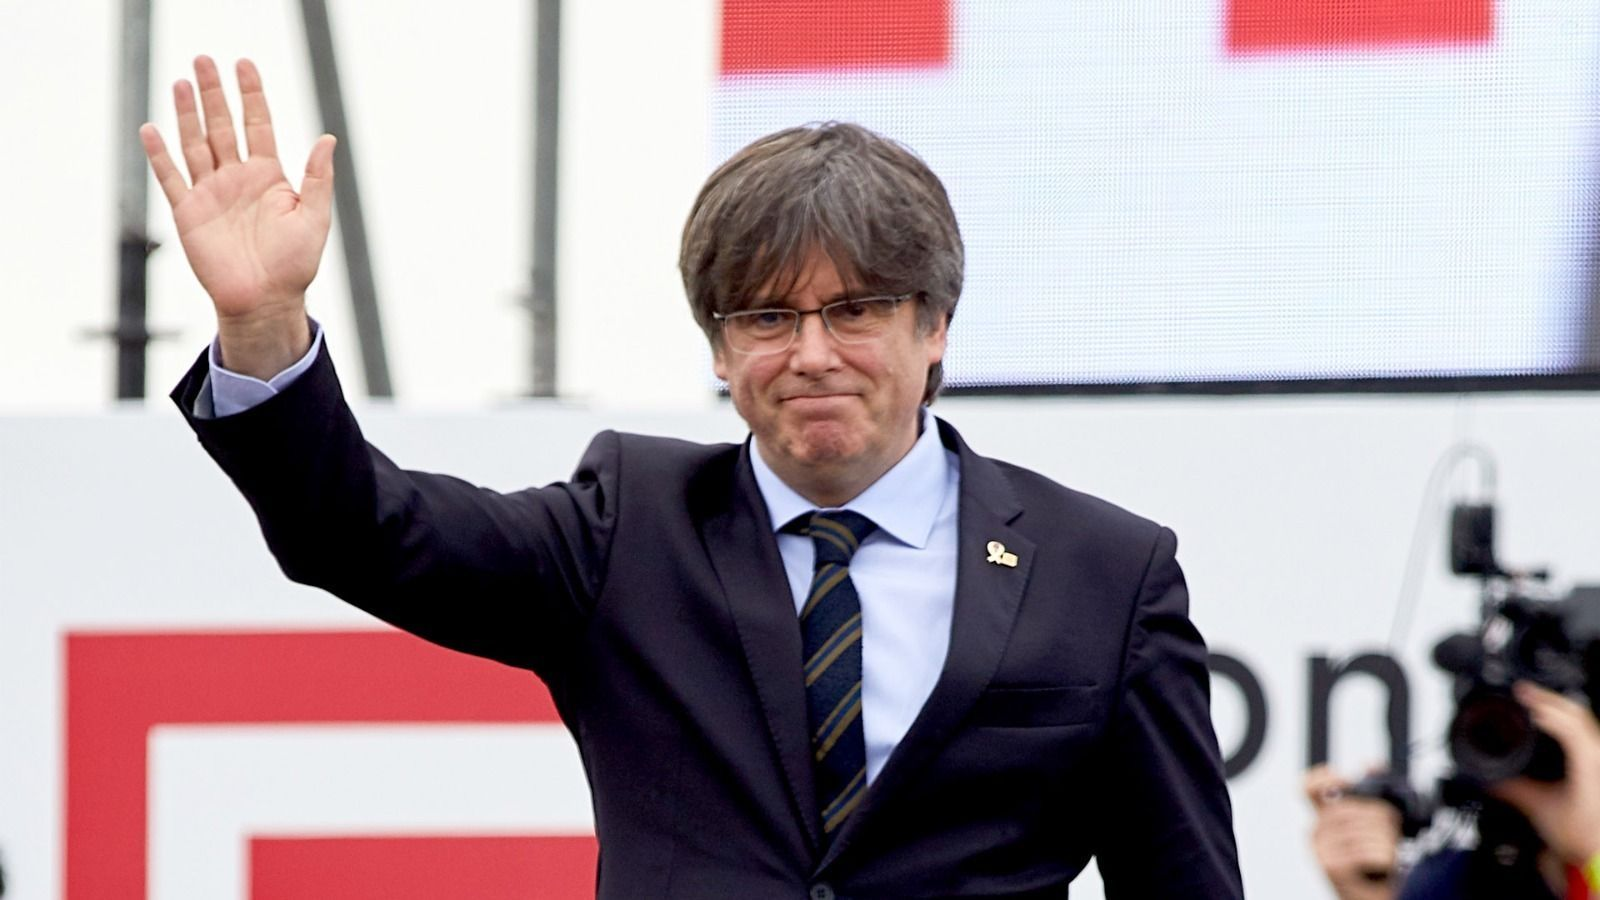 Puigdemont crearà aquest mes el seu nou partit: les claus del dia, amb Antoni Bassas